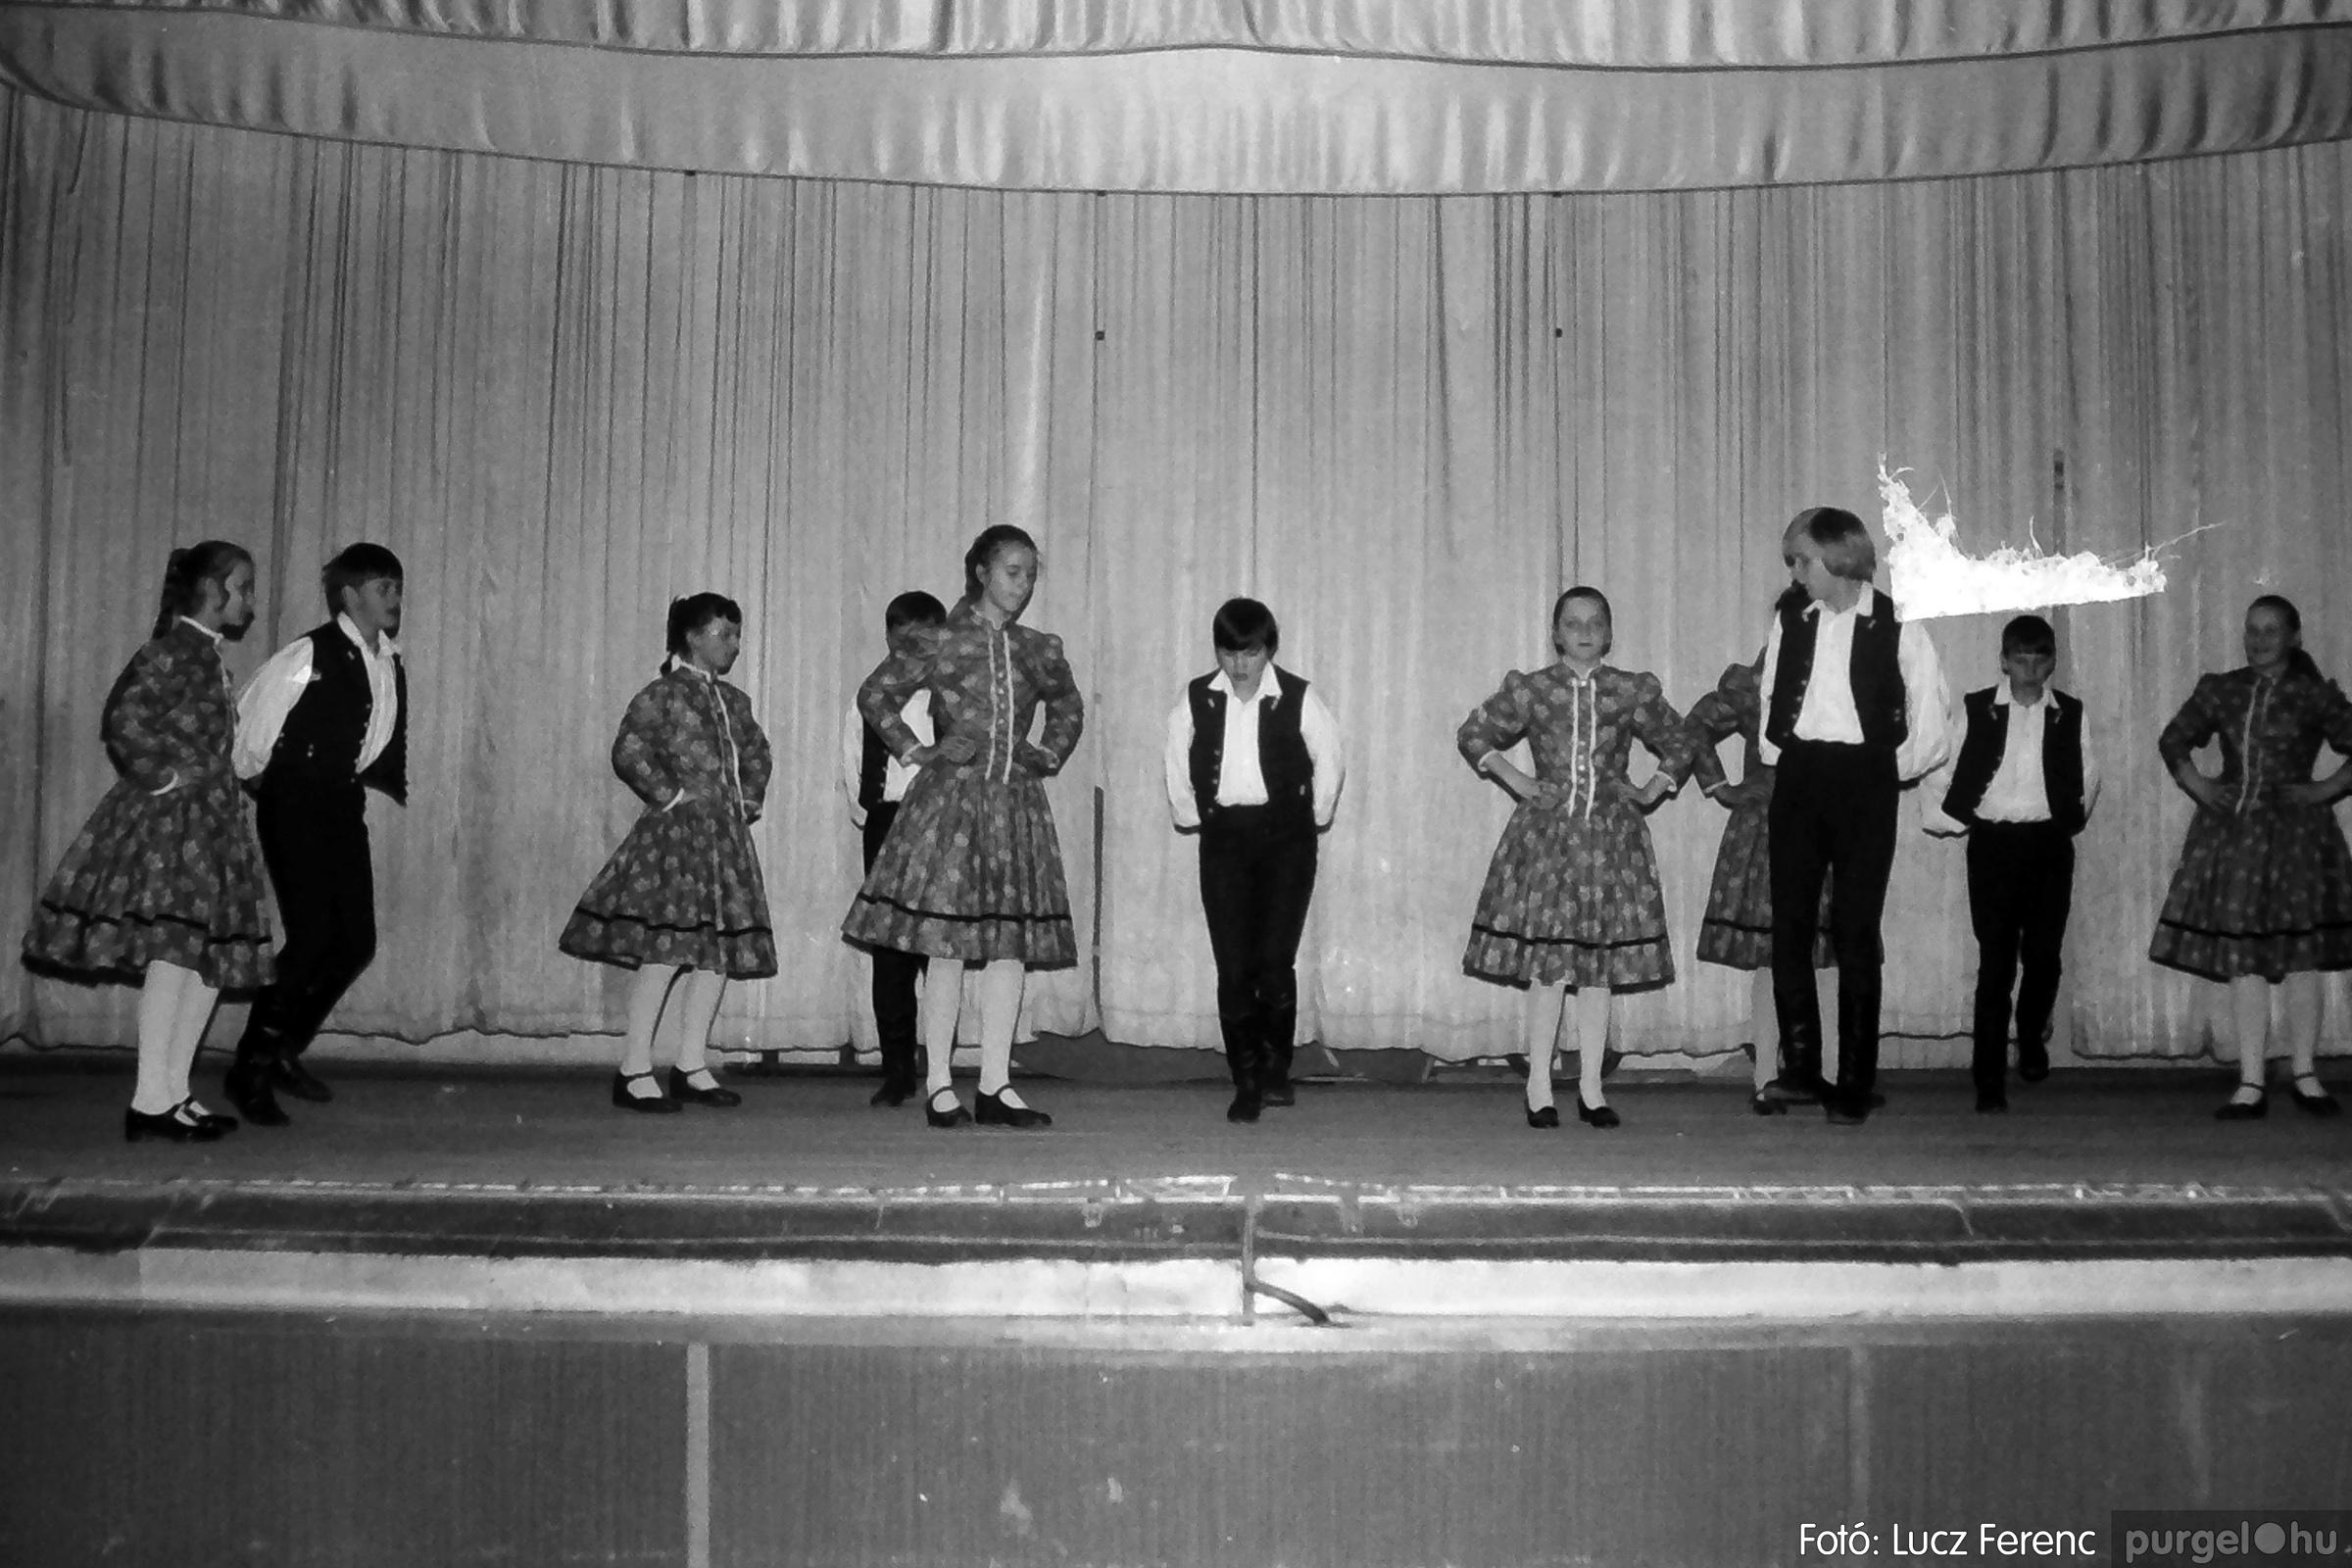 076. 1977. Iskolások fellépése a kultúrházban 003. - Fotó: Lucz Ferenc.jpg